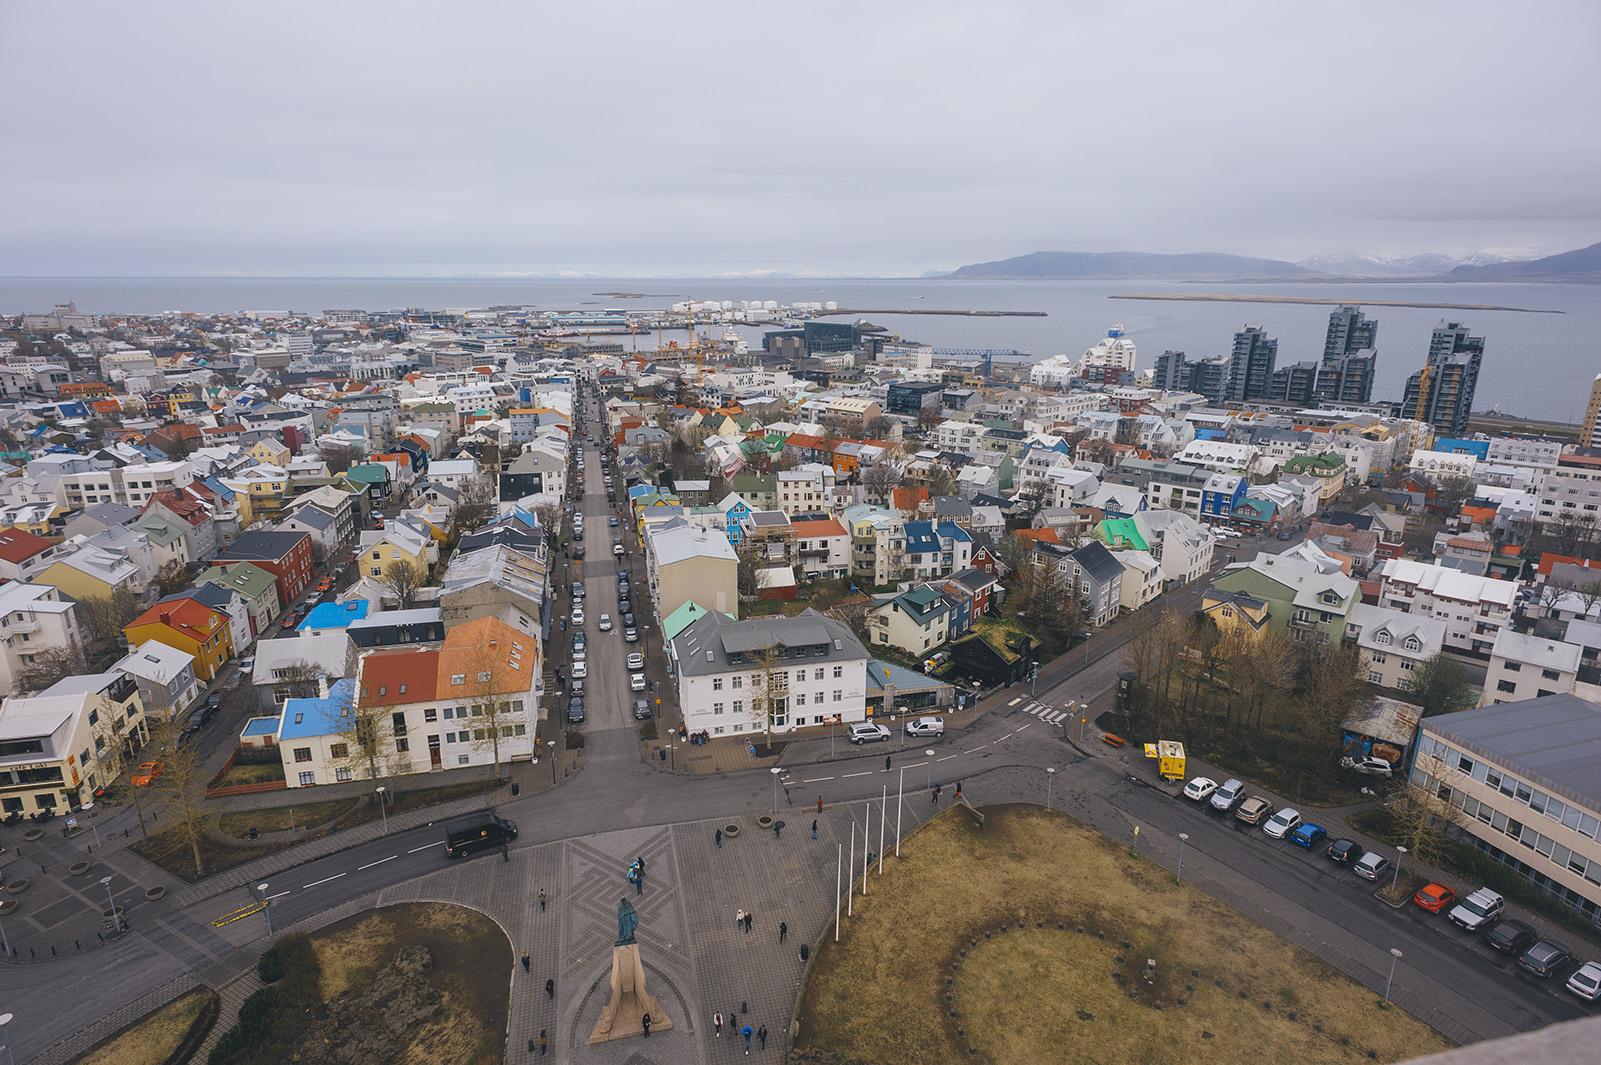 Hallgrimskirkja, Reykjavik. Вид на город со смотровой площадки церкви.